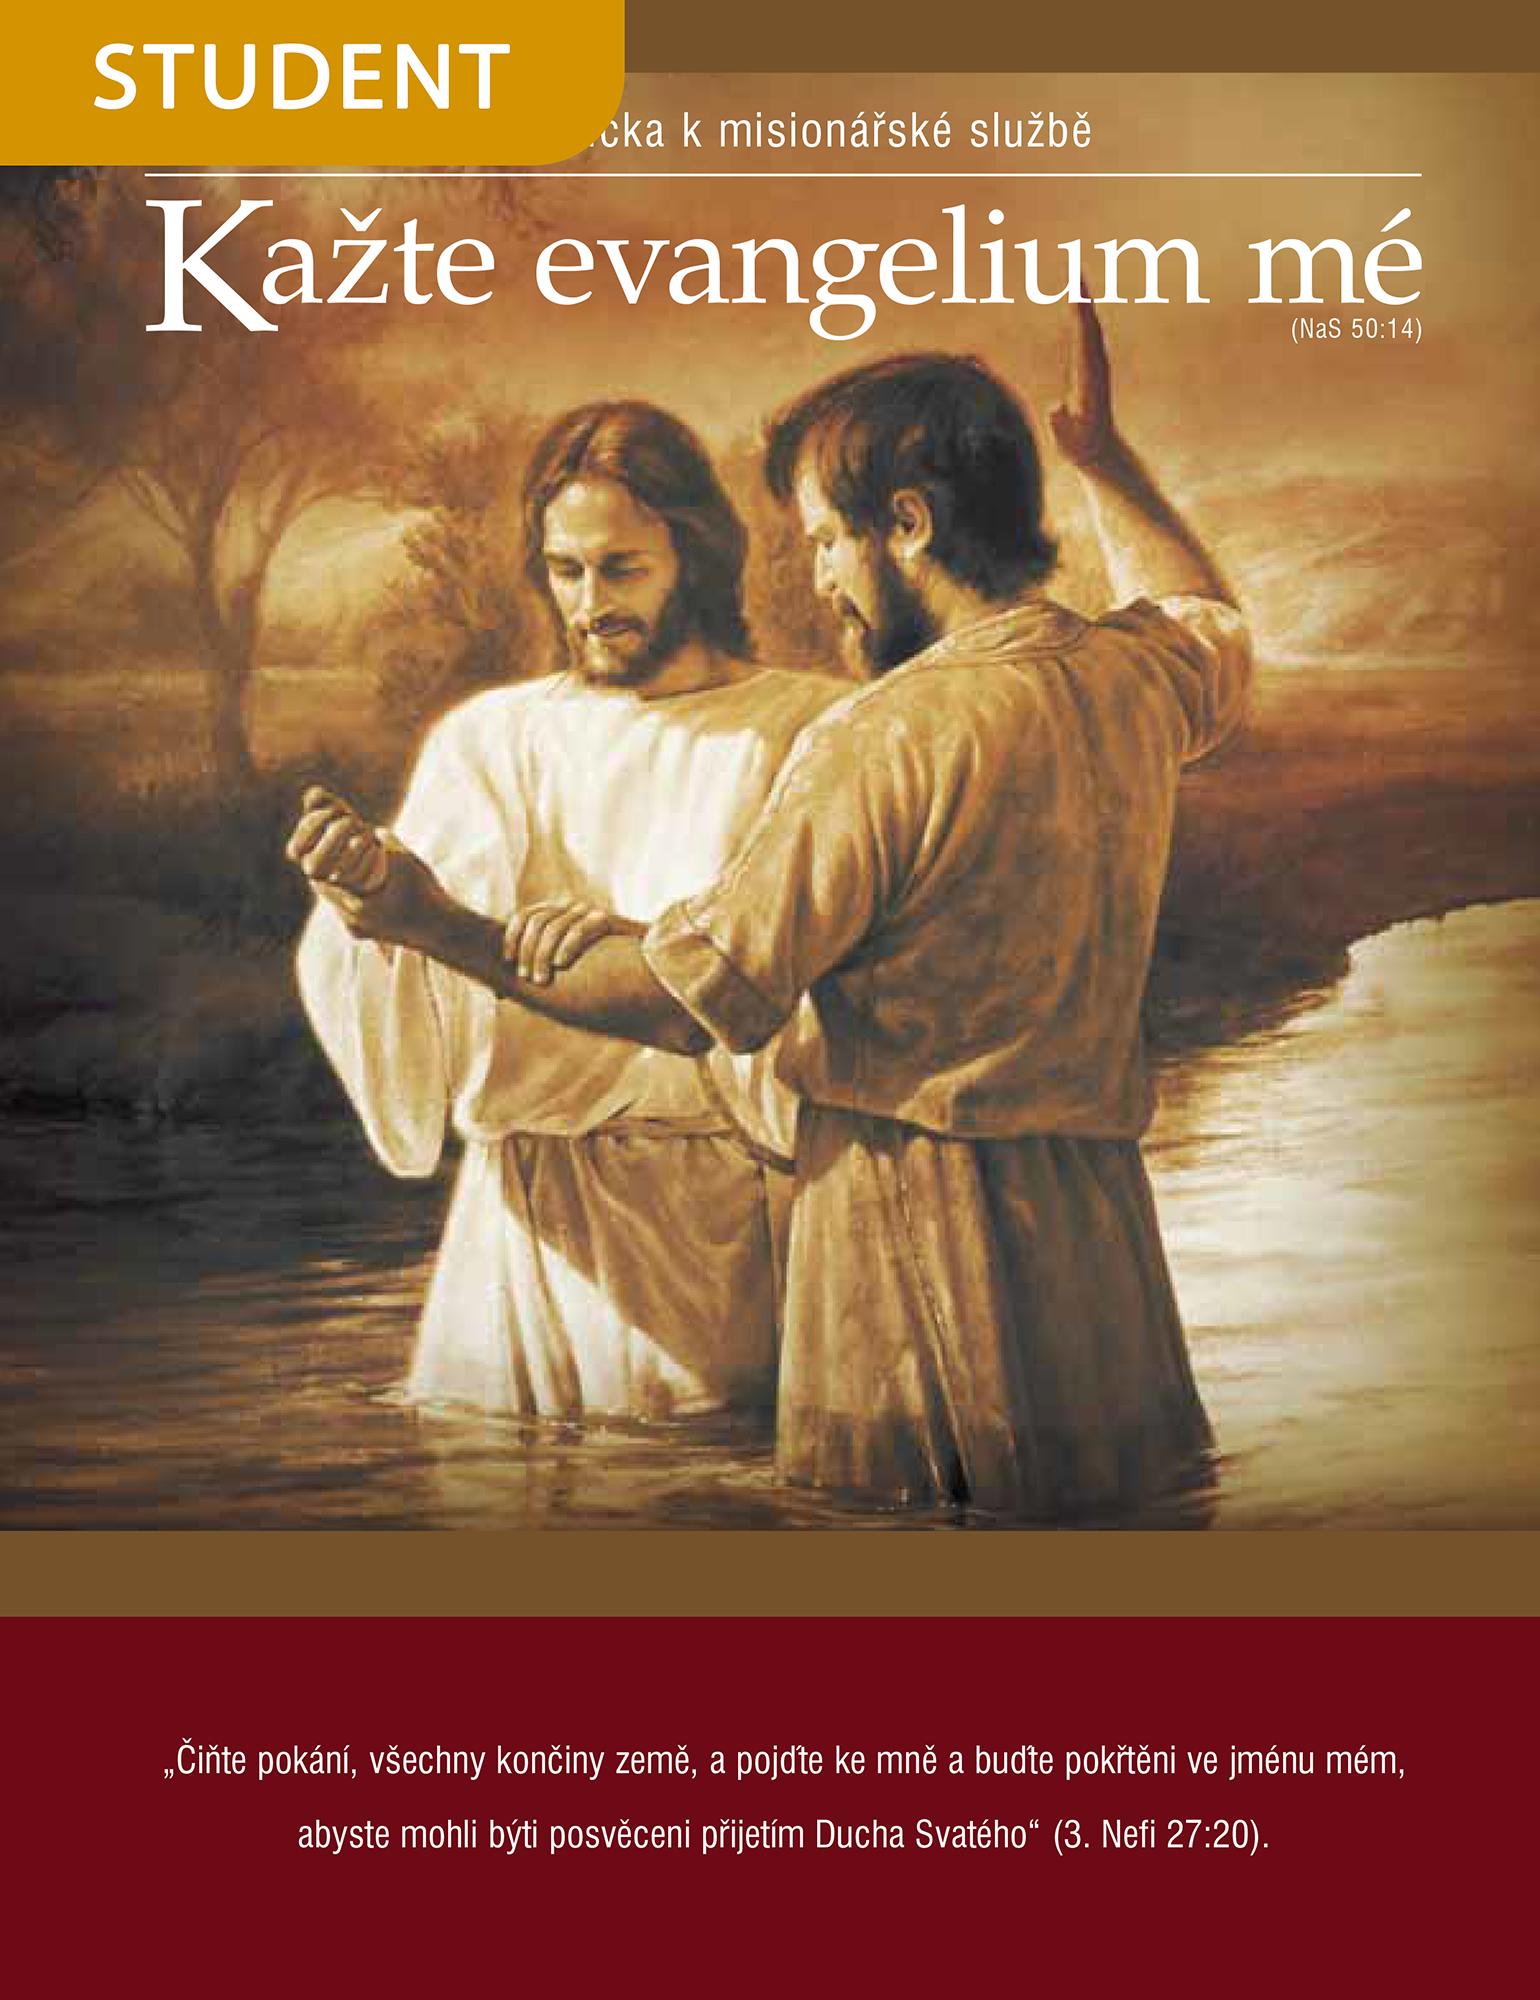 Kažte evangelium mé